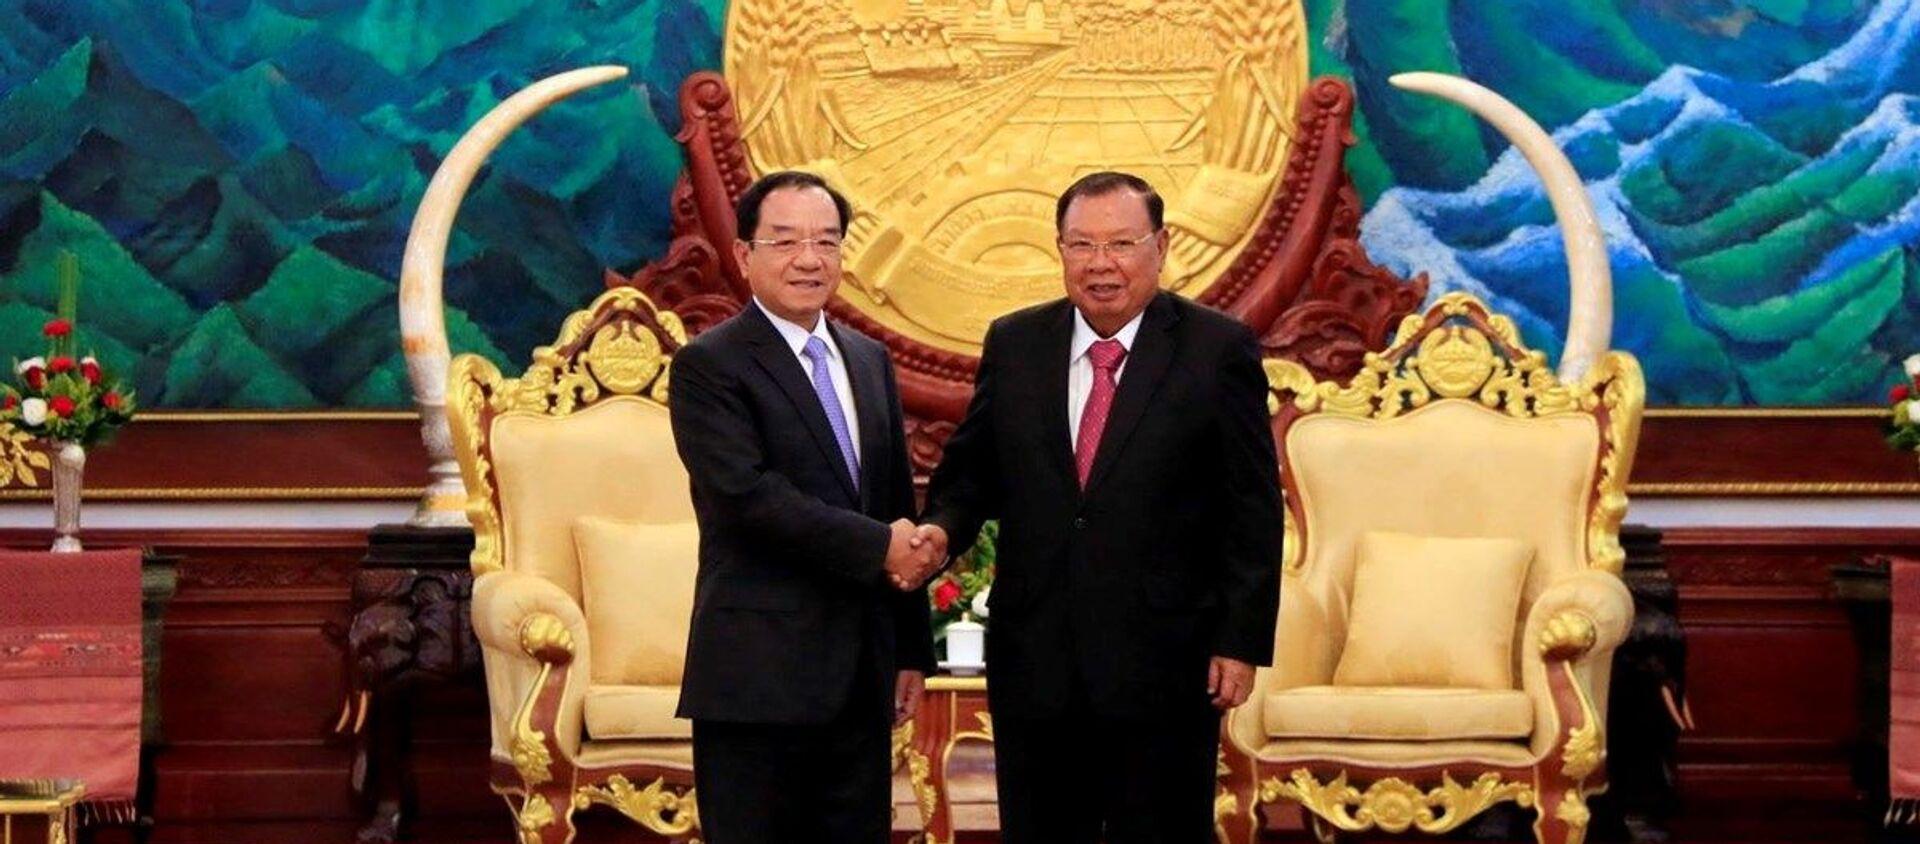 Tổng Bí thư, Chủ tịch nước Lào Bounnhang Vorachith tiếp thân mật ông Đào Việt Trung. - Sputnik Việt Nam, 1920, 05.12.2019